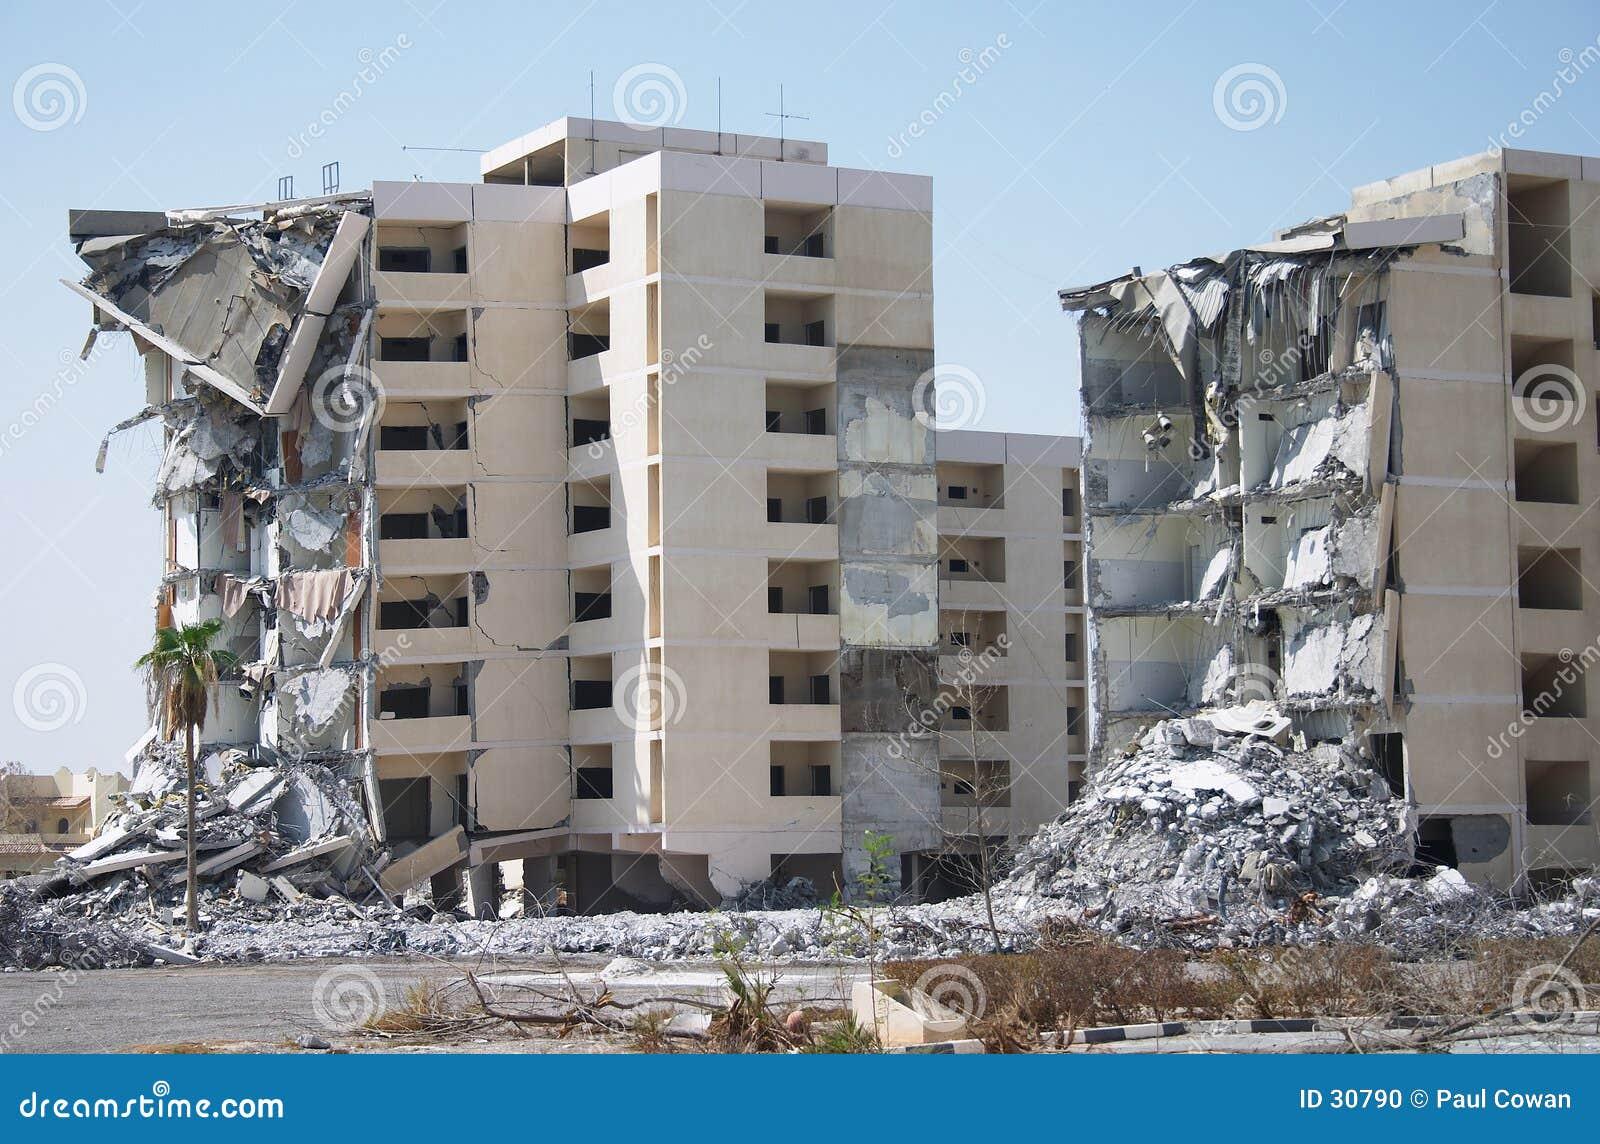 Download Demolición 2 foto de archivo. Imagen de golfo, arabia, persa - 30790